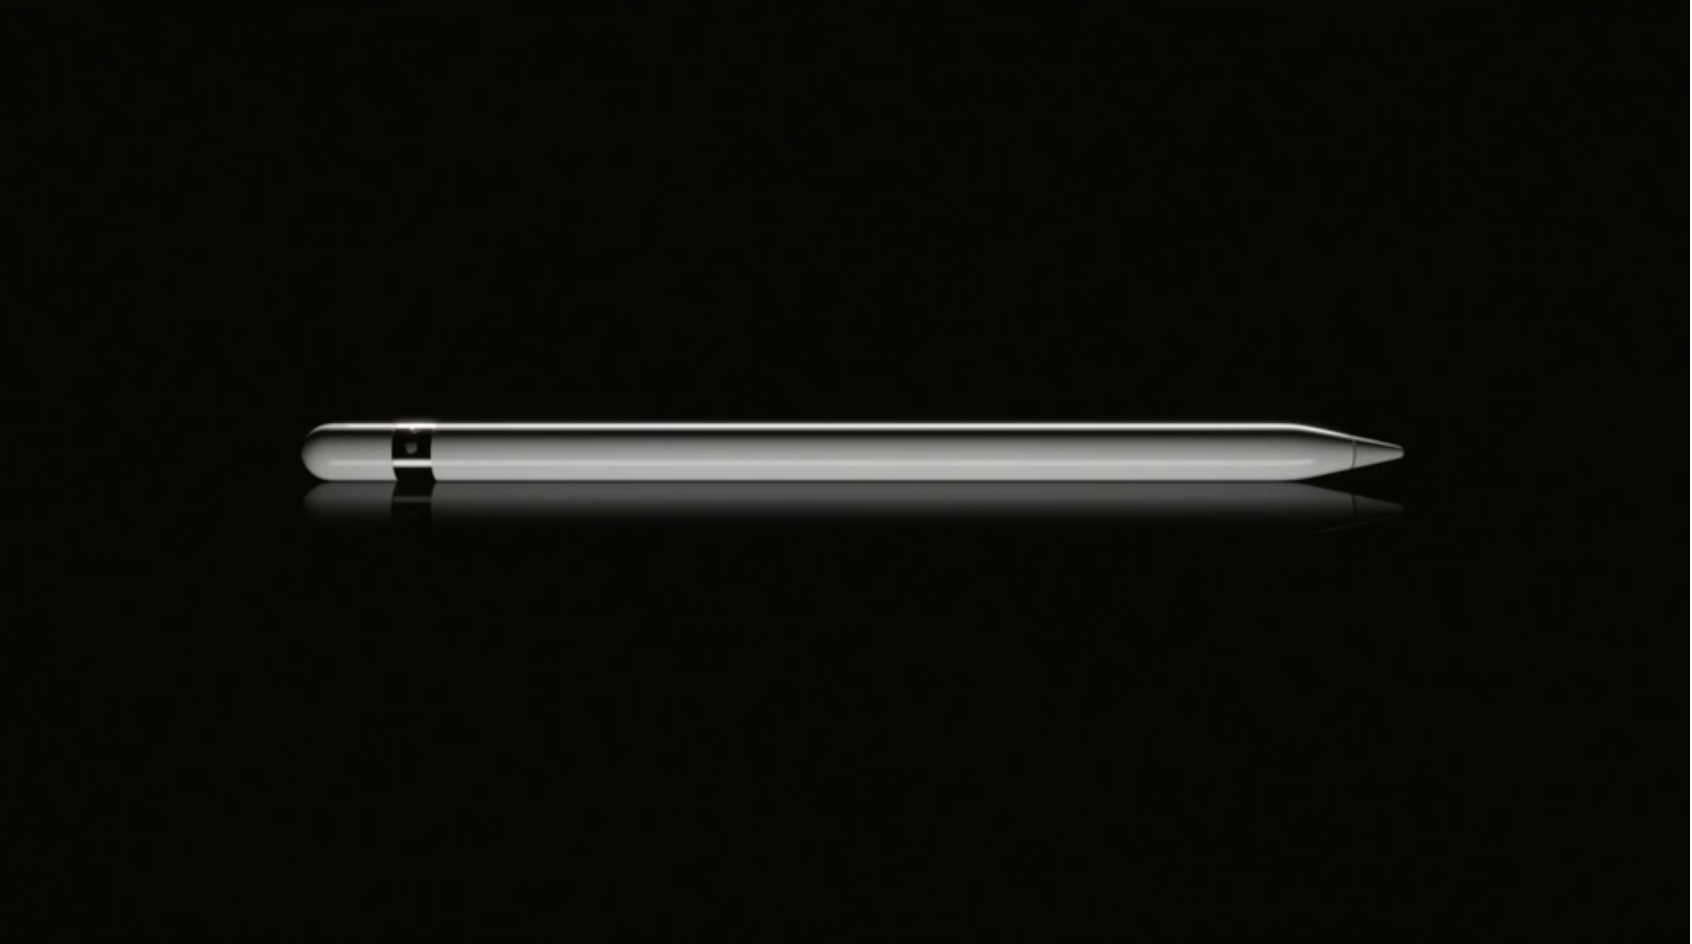 iPad Pencil.